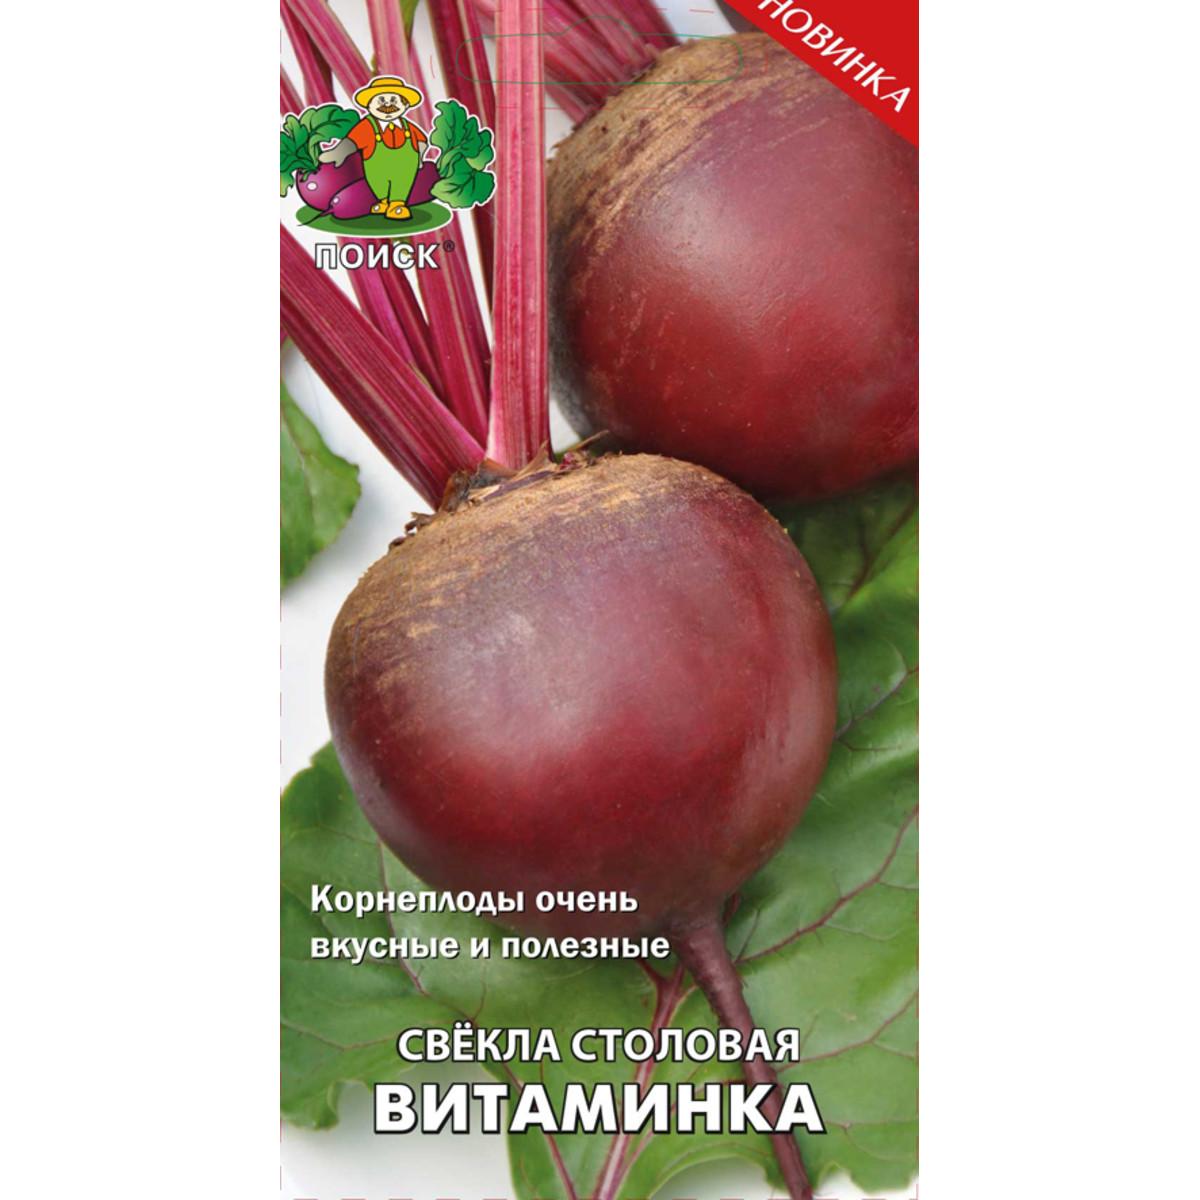 семена купить в интернет магазине россия